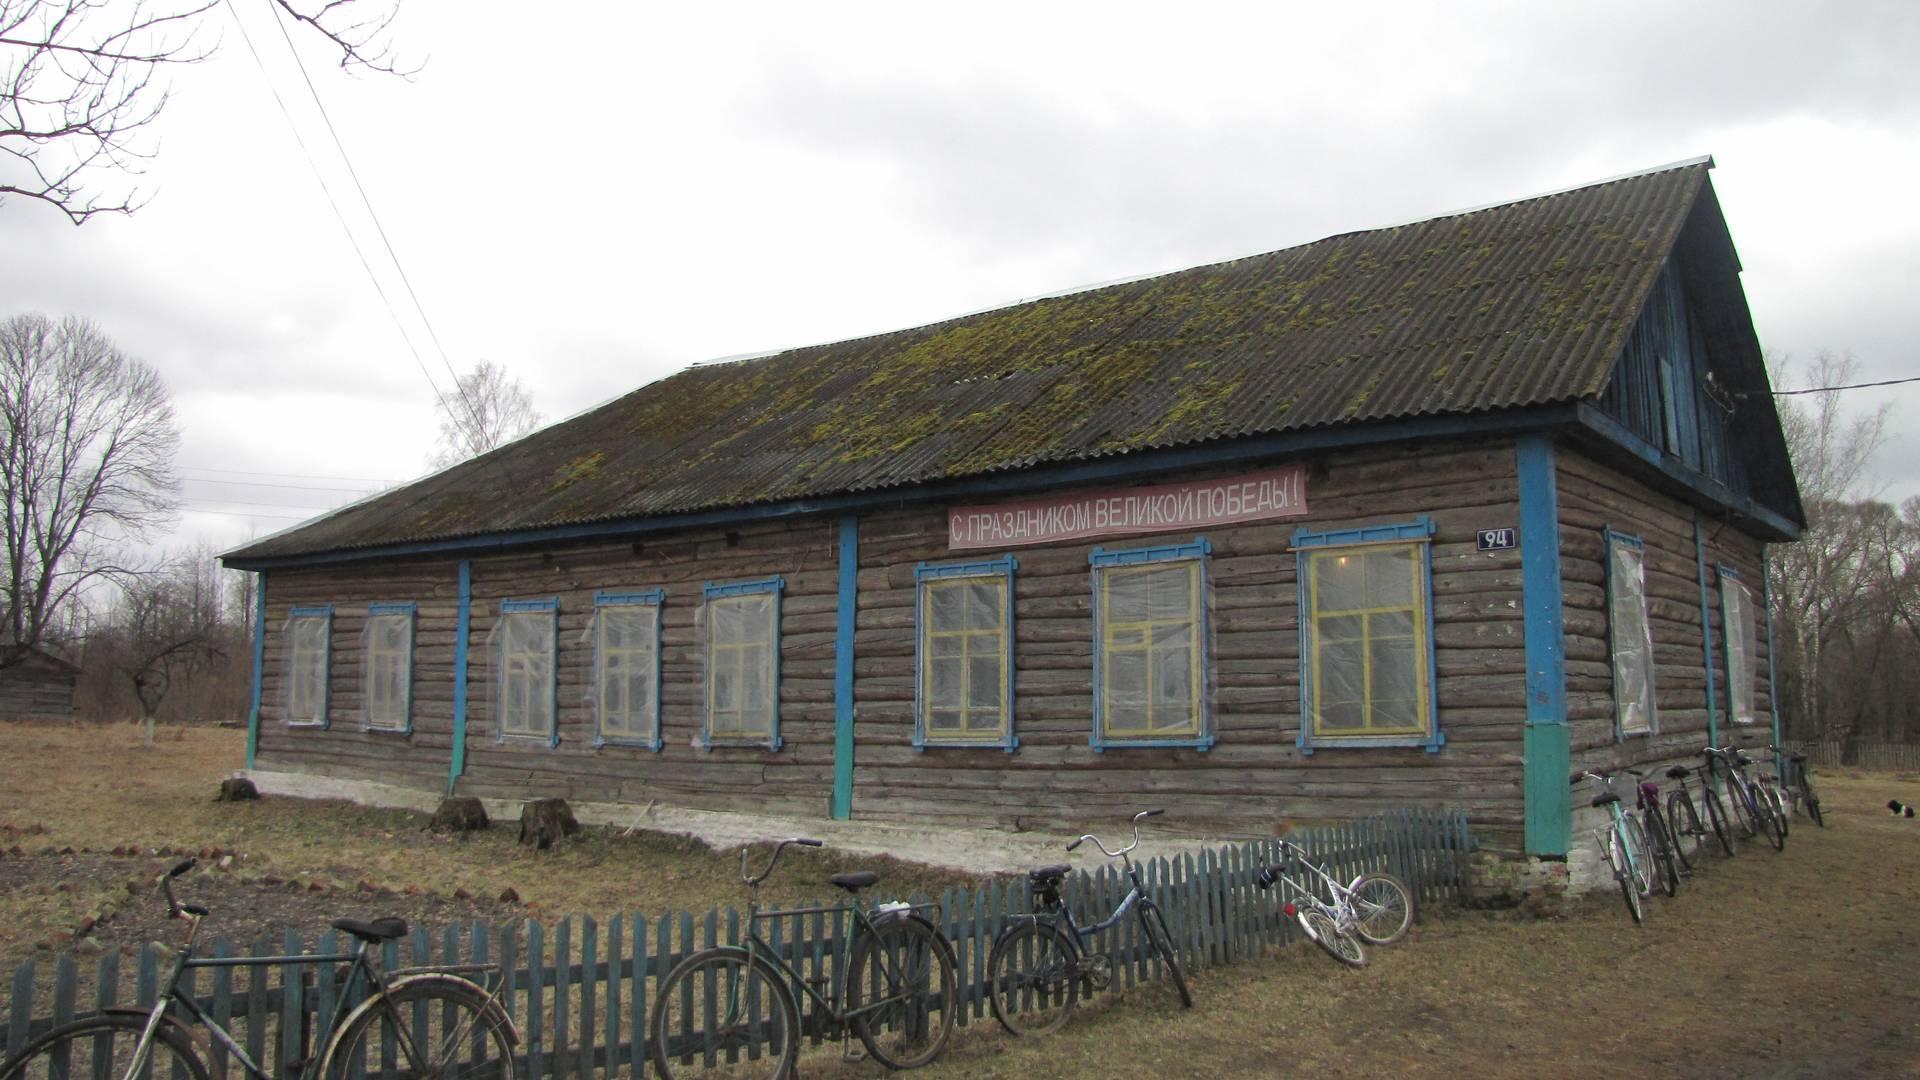 Школа в деревне Кургановка Красногорского района Брянской области. Ликвидирована в 2017 году